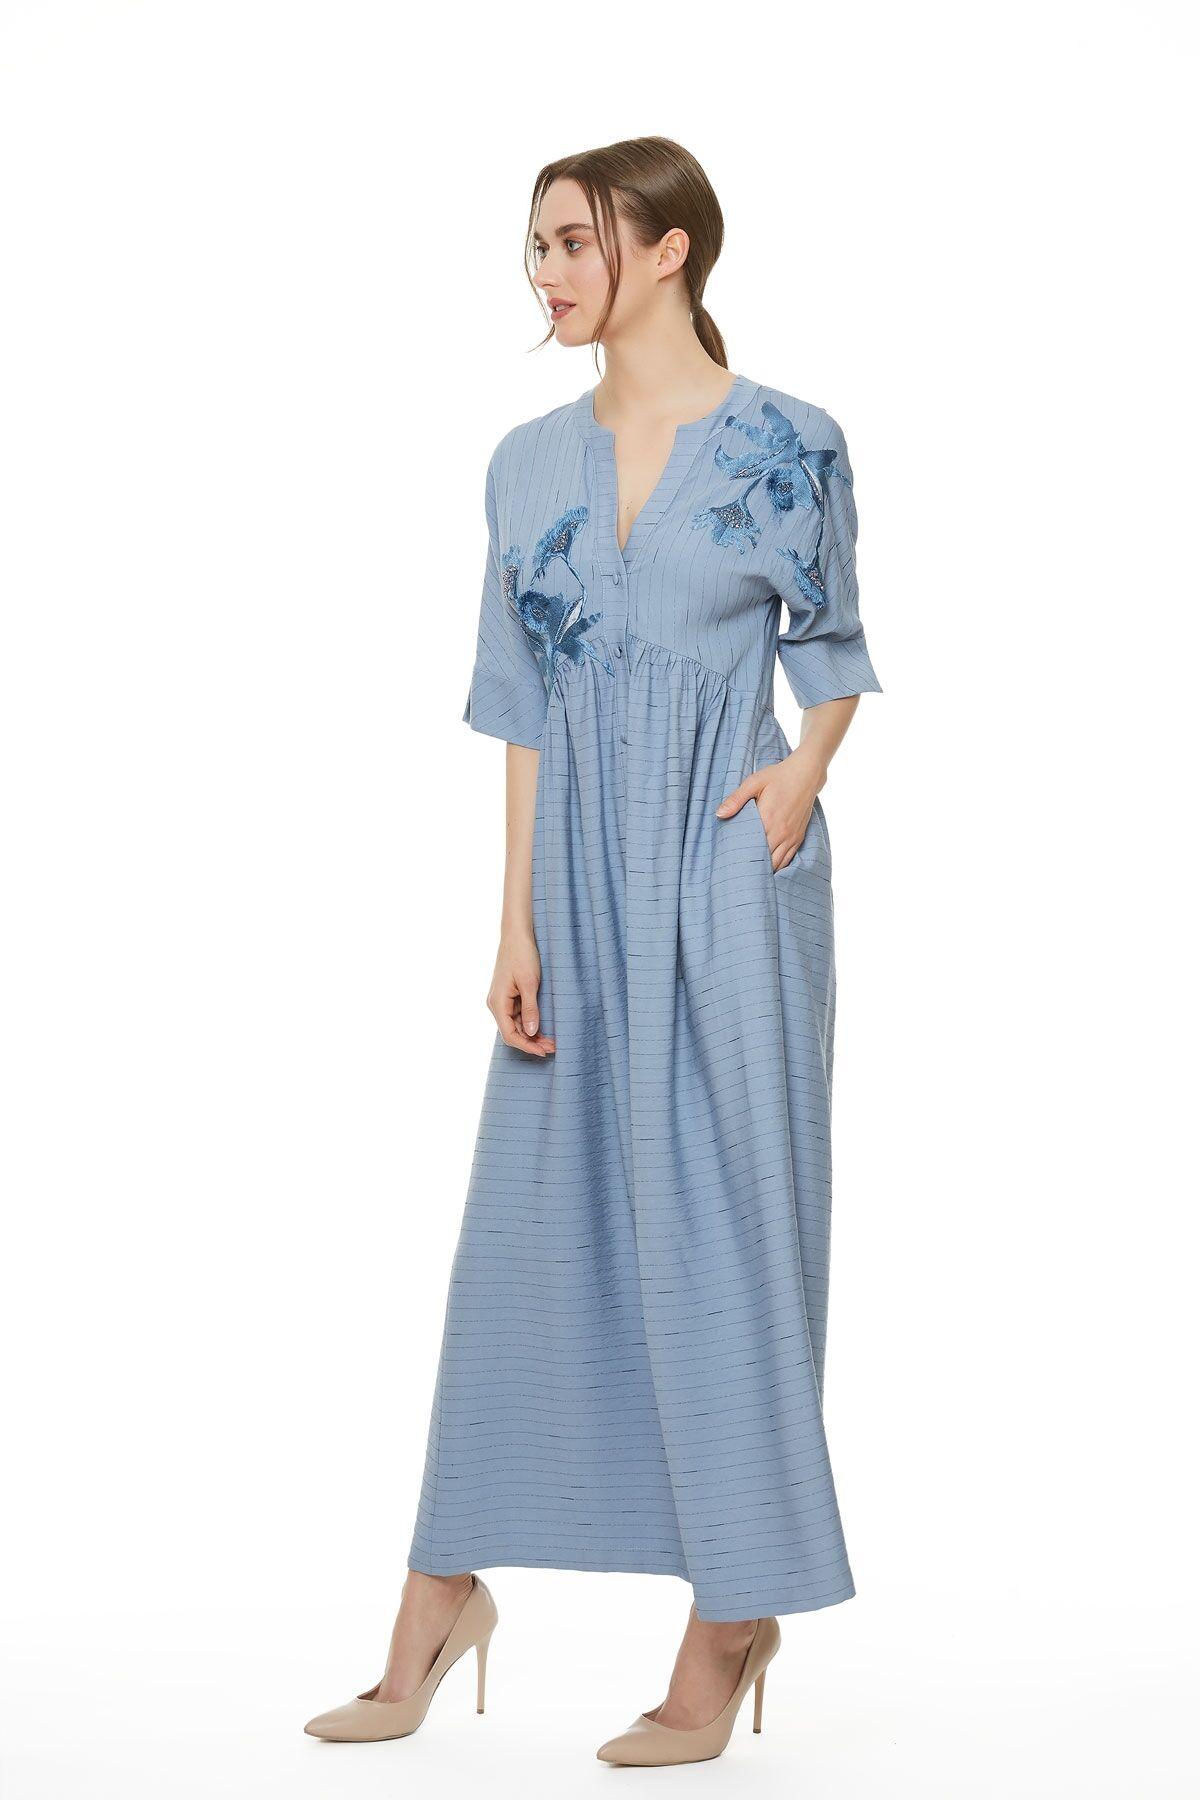 Çizgi Desenli Nakış Ve İşleme Detaylı Mavi Elbise